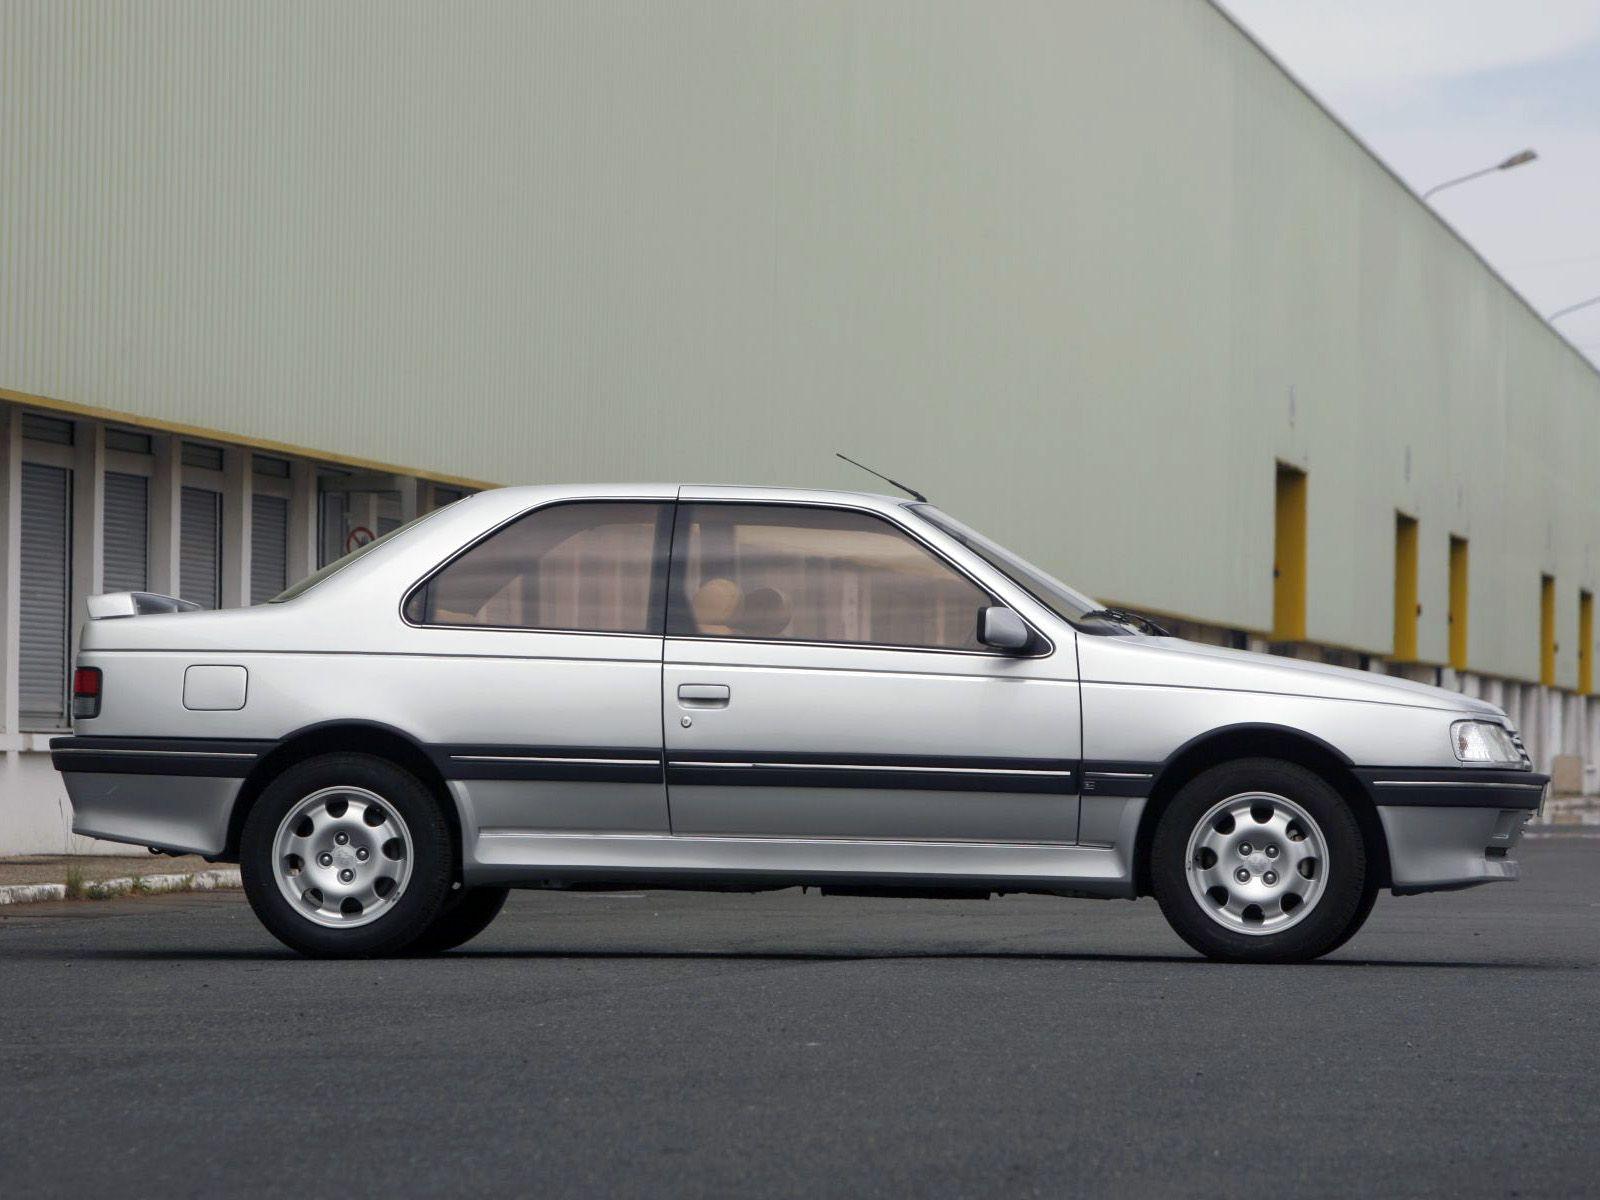 1988_Peugeot_405_coupé_concept_by_Heuliez_